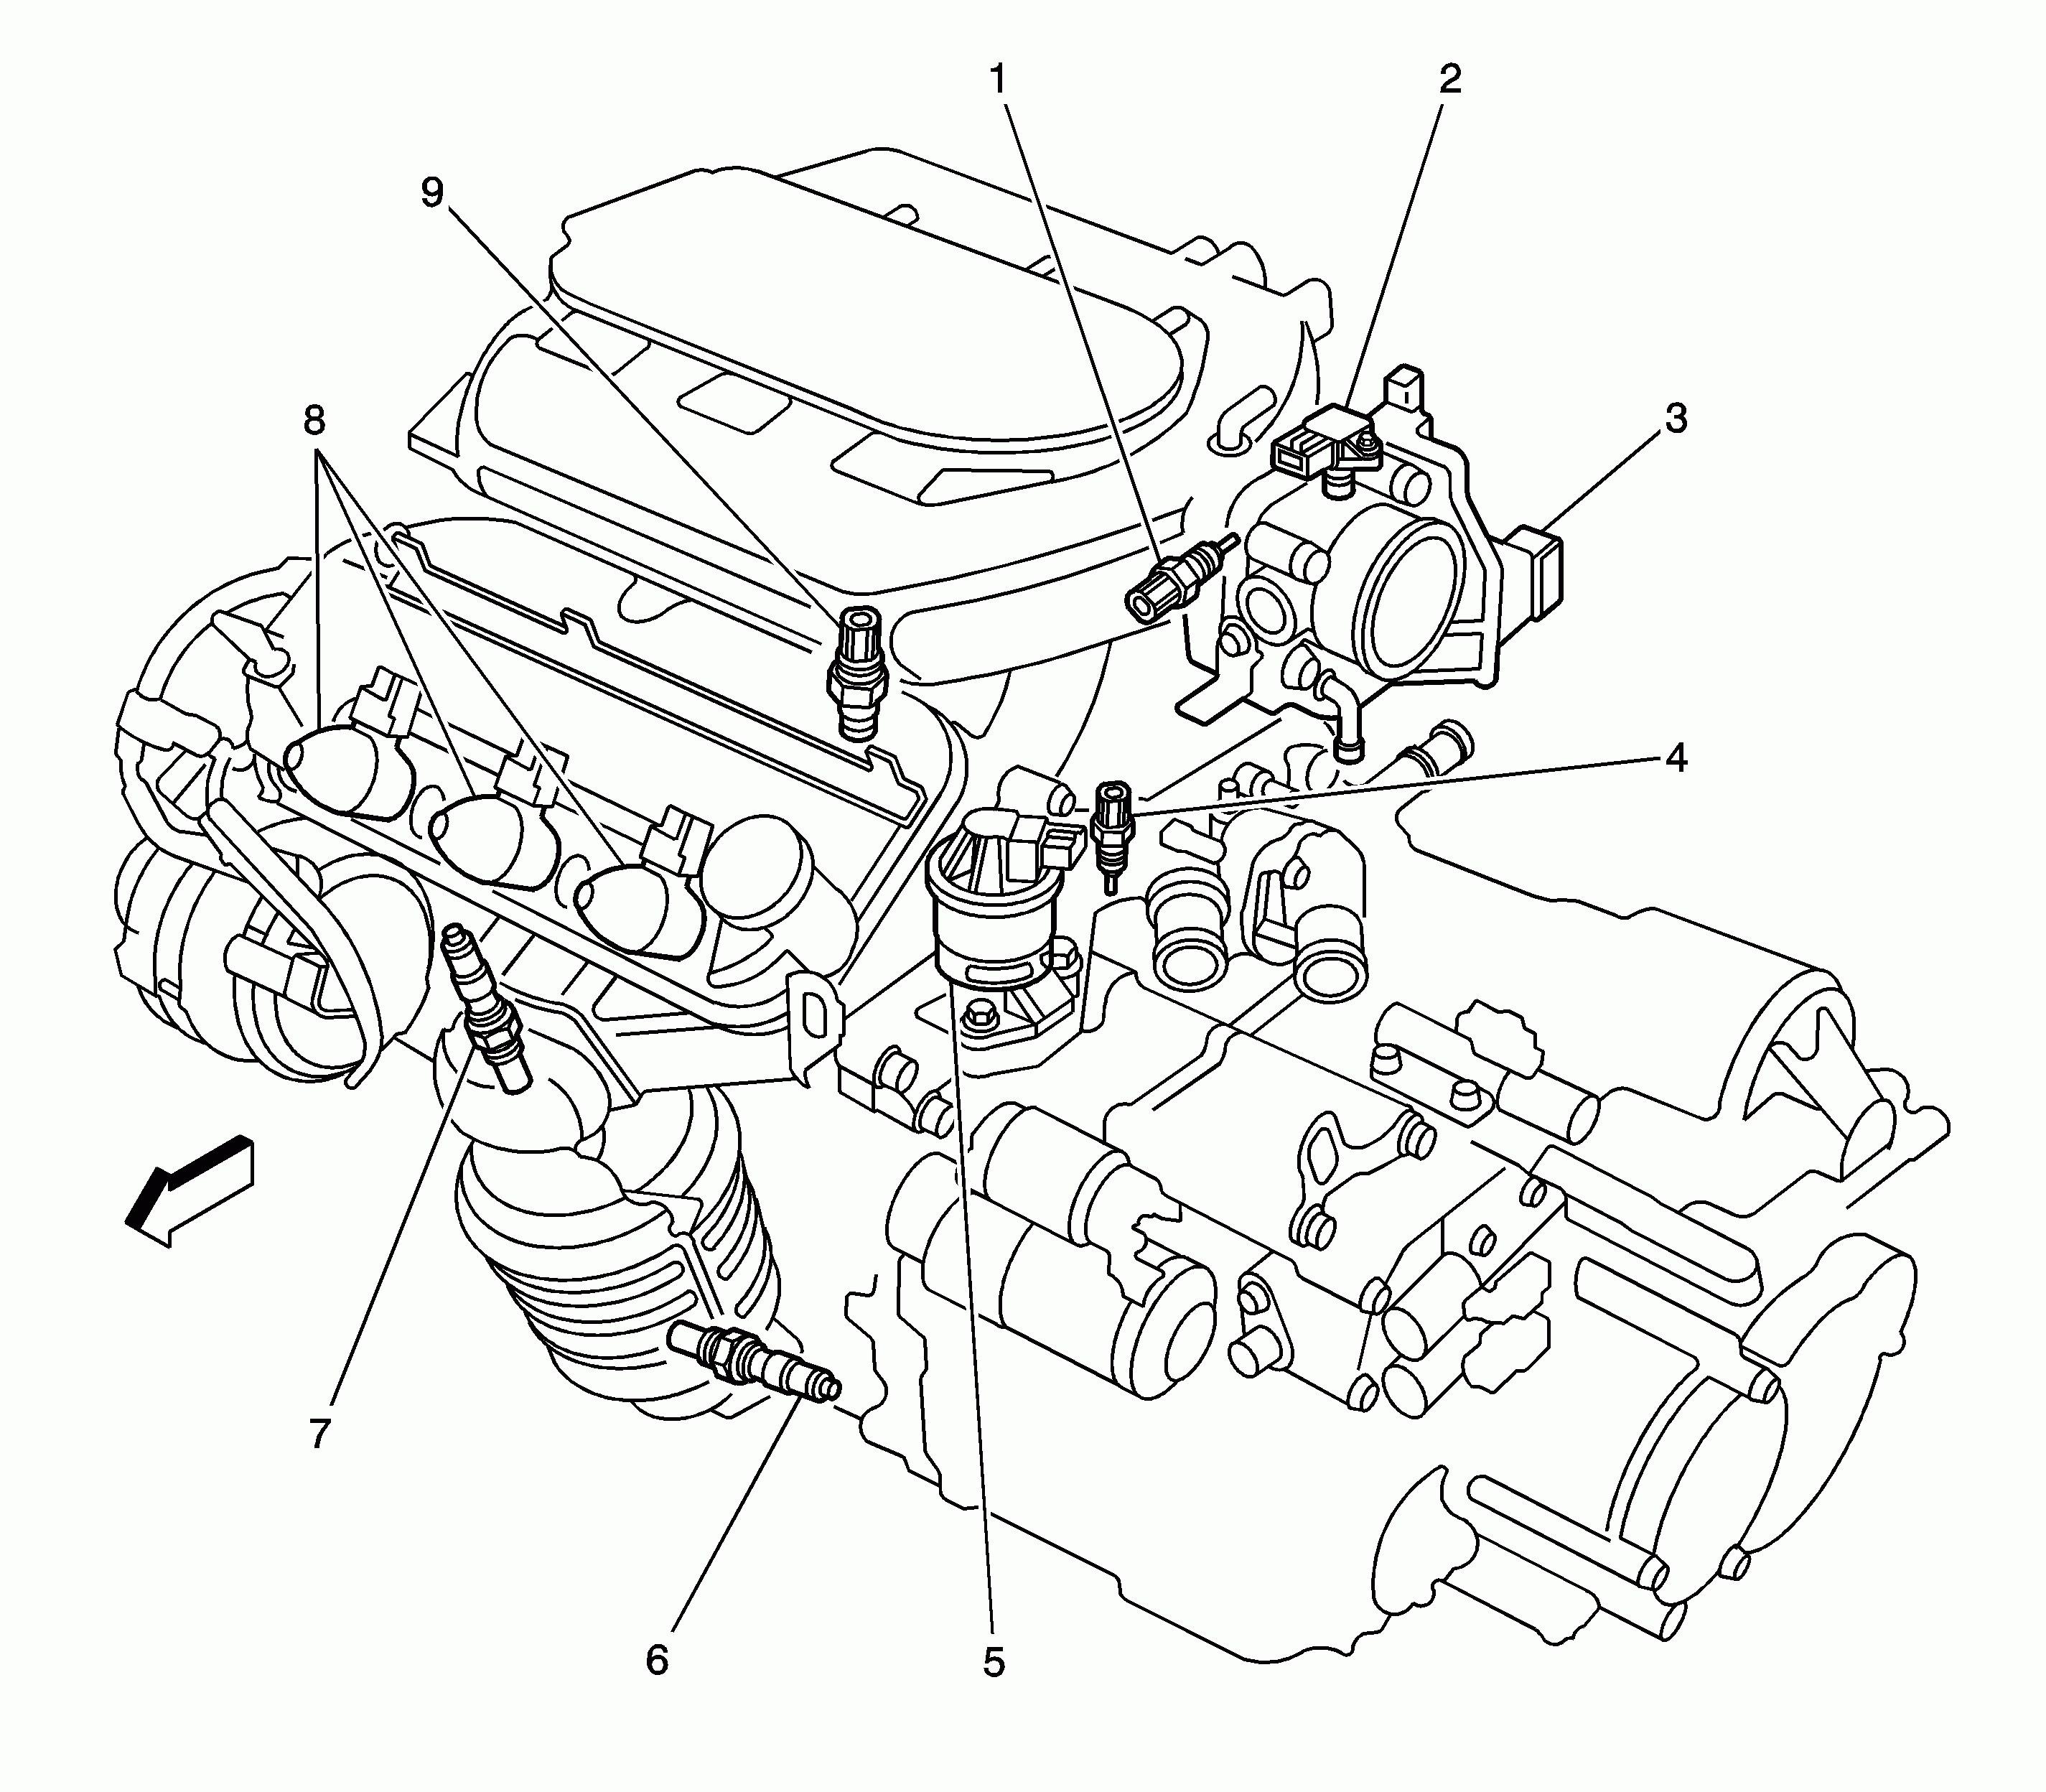 2002 Pontiac Sunfire Engine Diagram - Cars Wiring Diagram